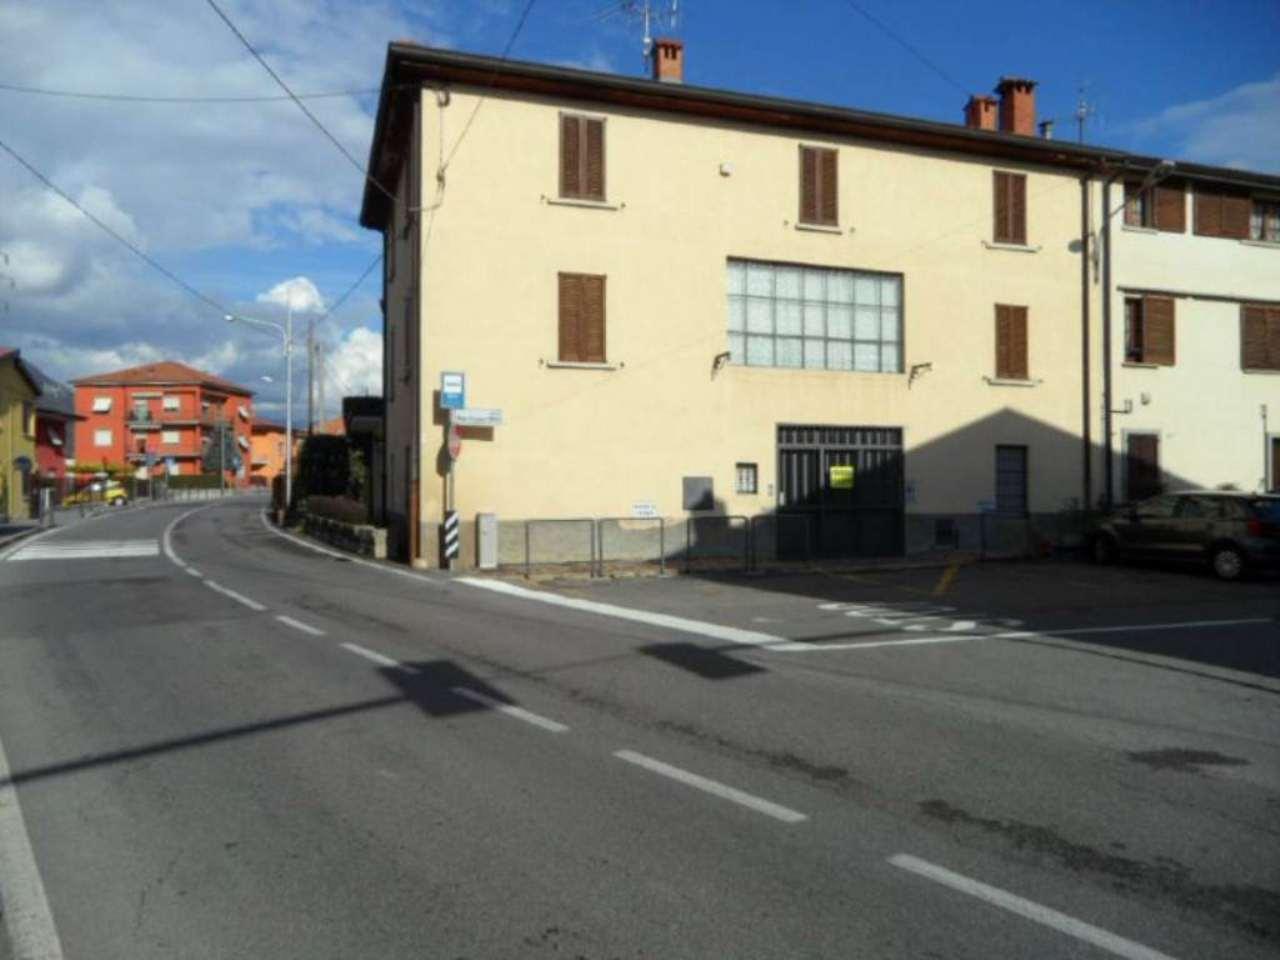 Soluzione Semindipendente in vendita a Pradalunga, 4 locali, prezzo € 180.000 | Cambio Casa.it